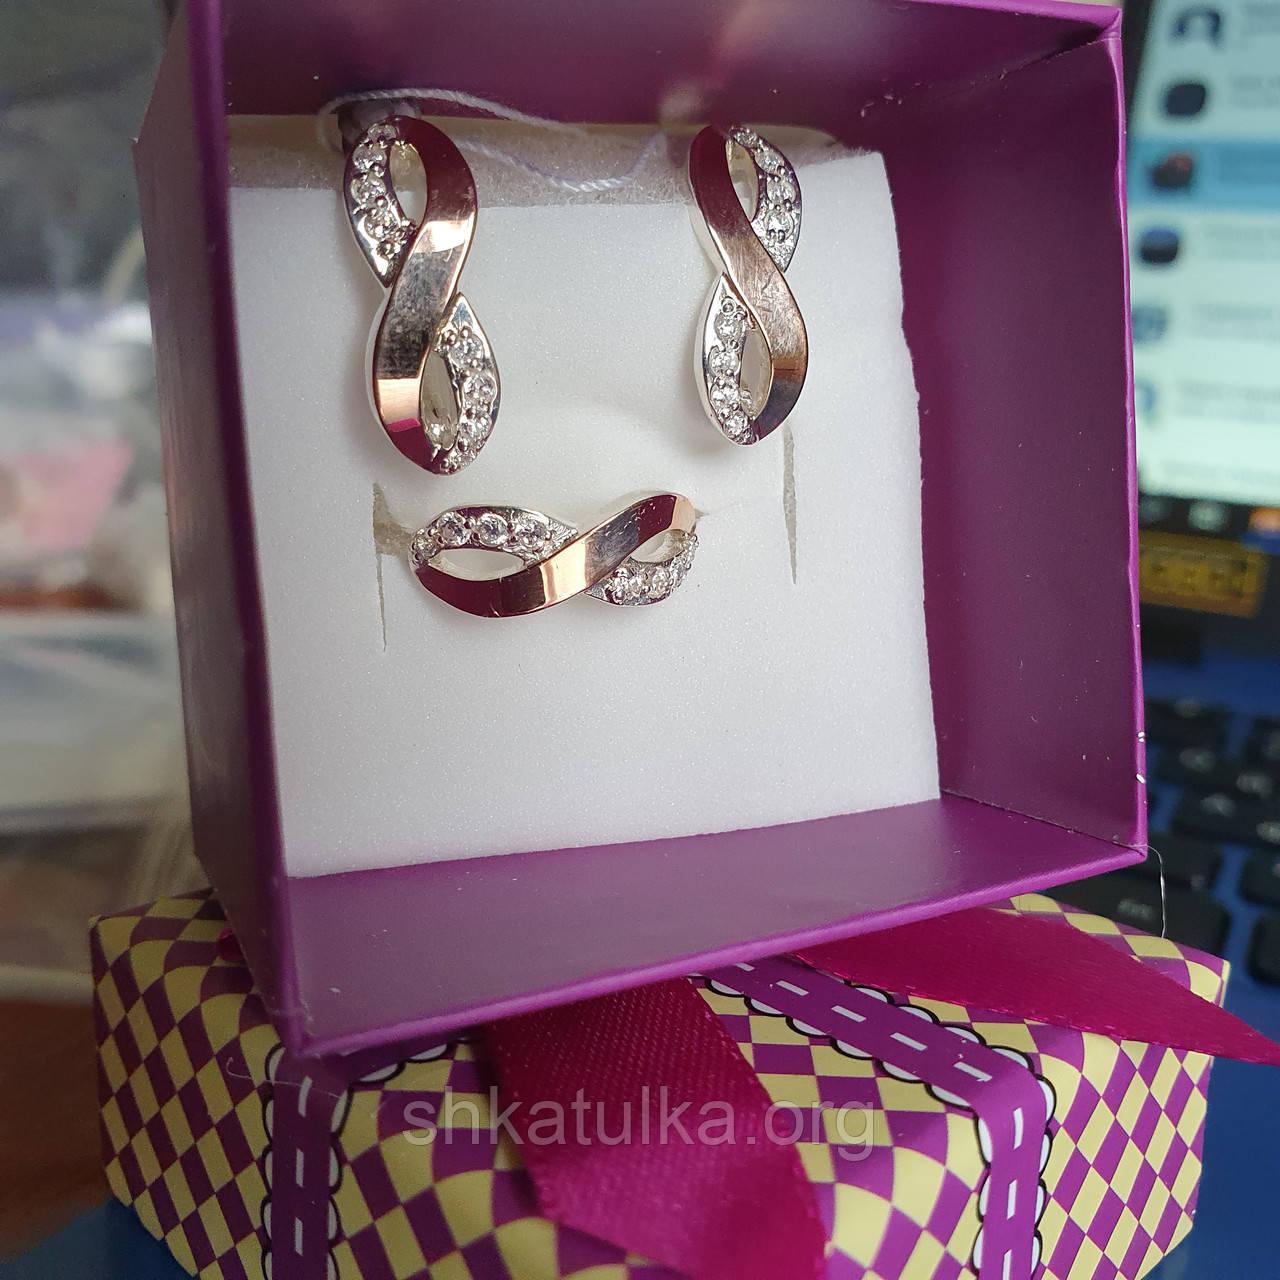 Срібний гарнітур Хвильки із золотими вставками каблучка та сережки із білими фіанітами